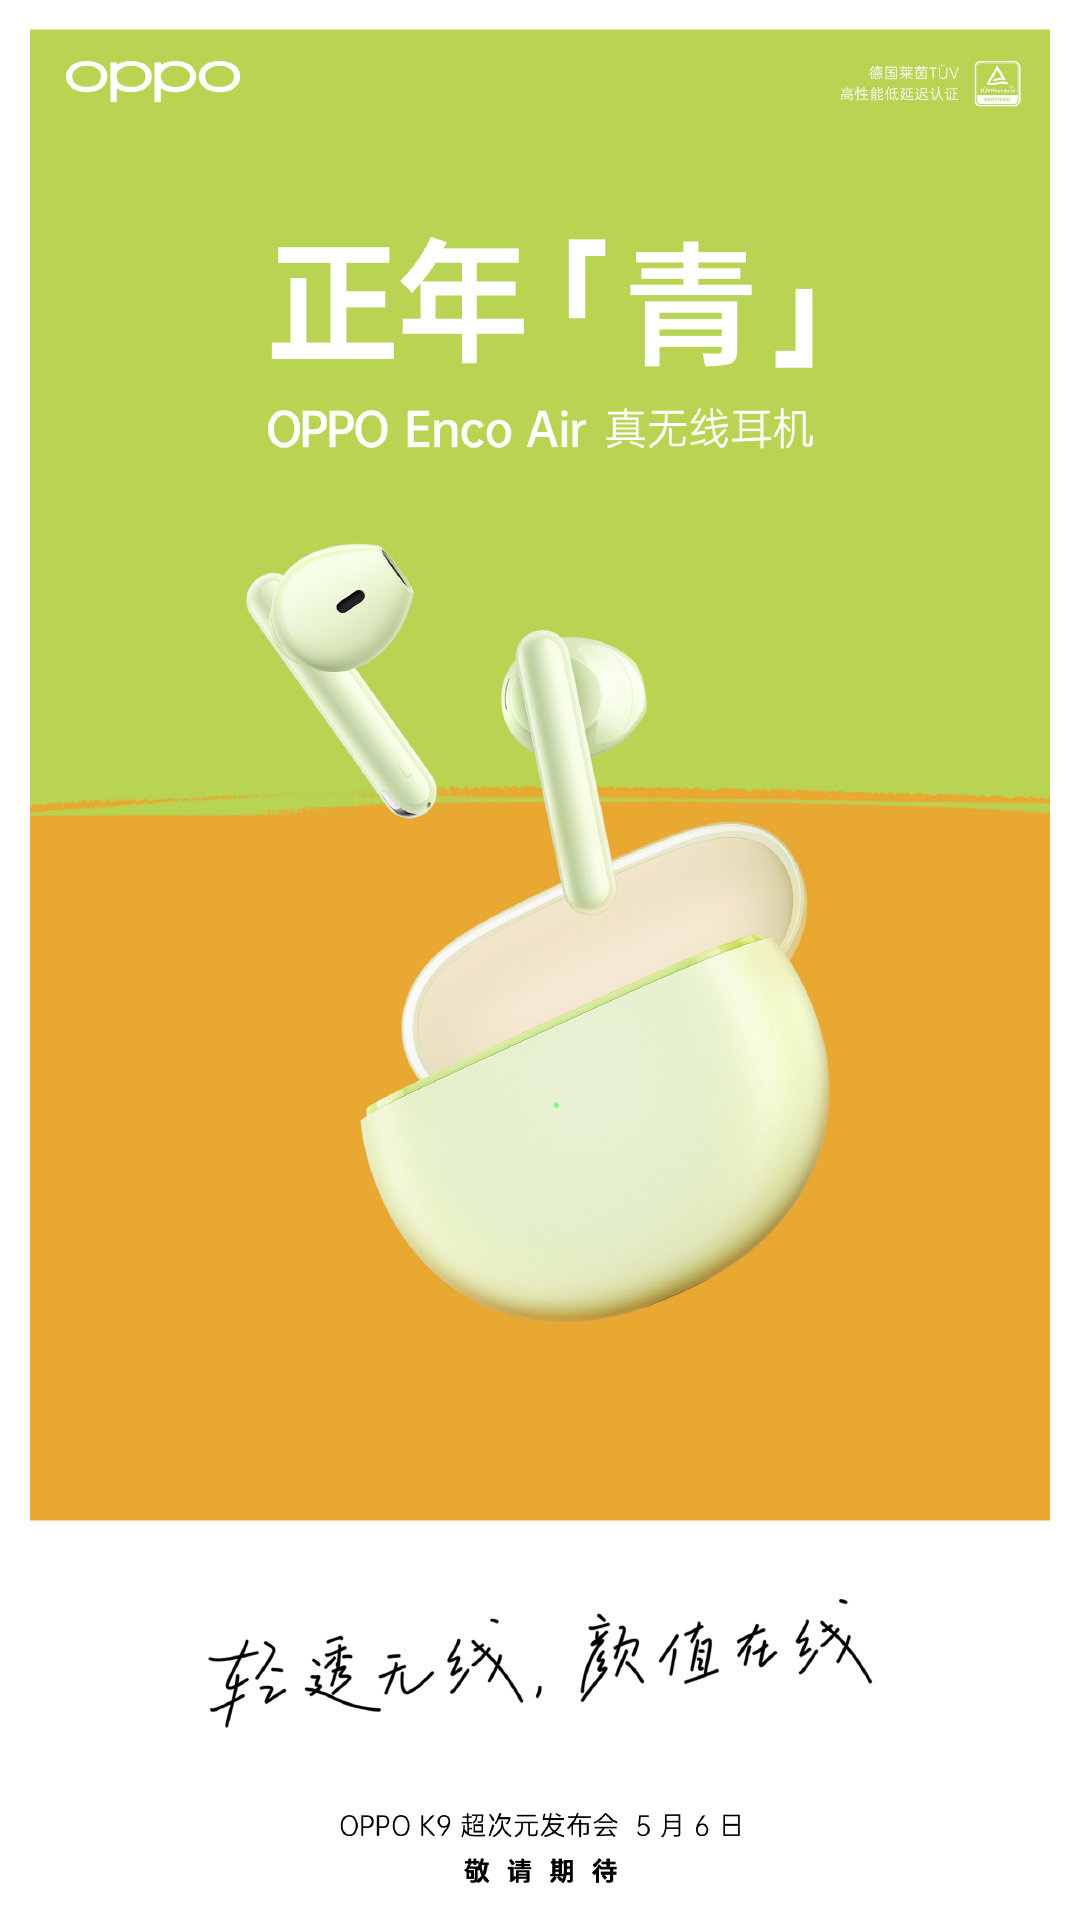 OPPO Enco Air 无线耳机预热:四款配色,双路快充